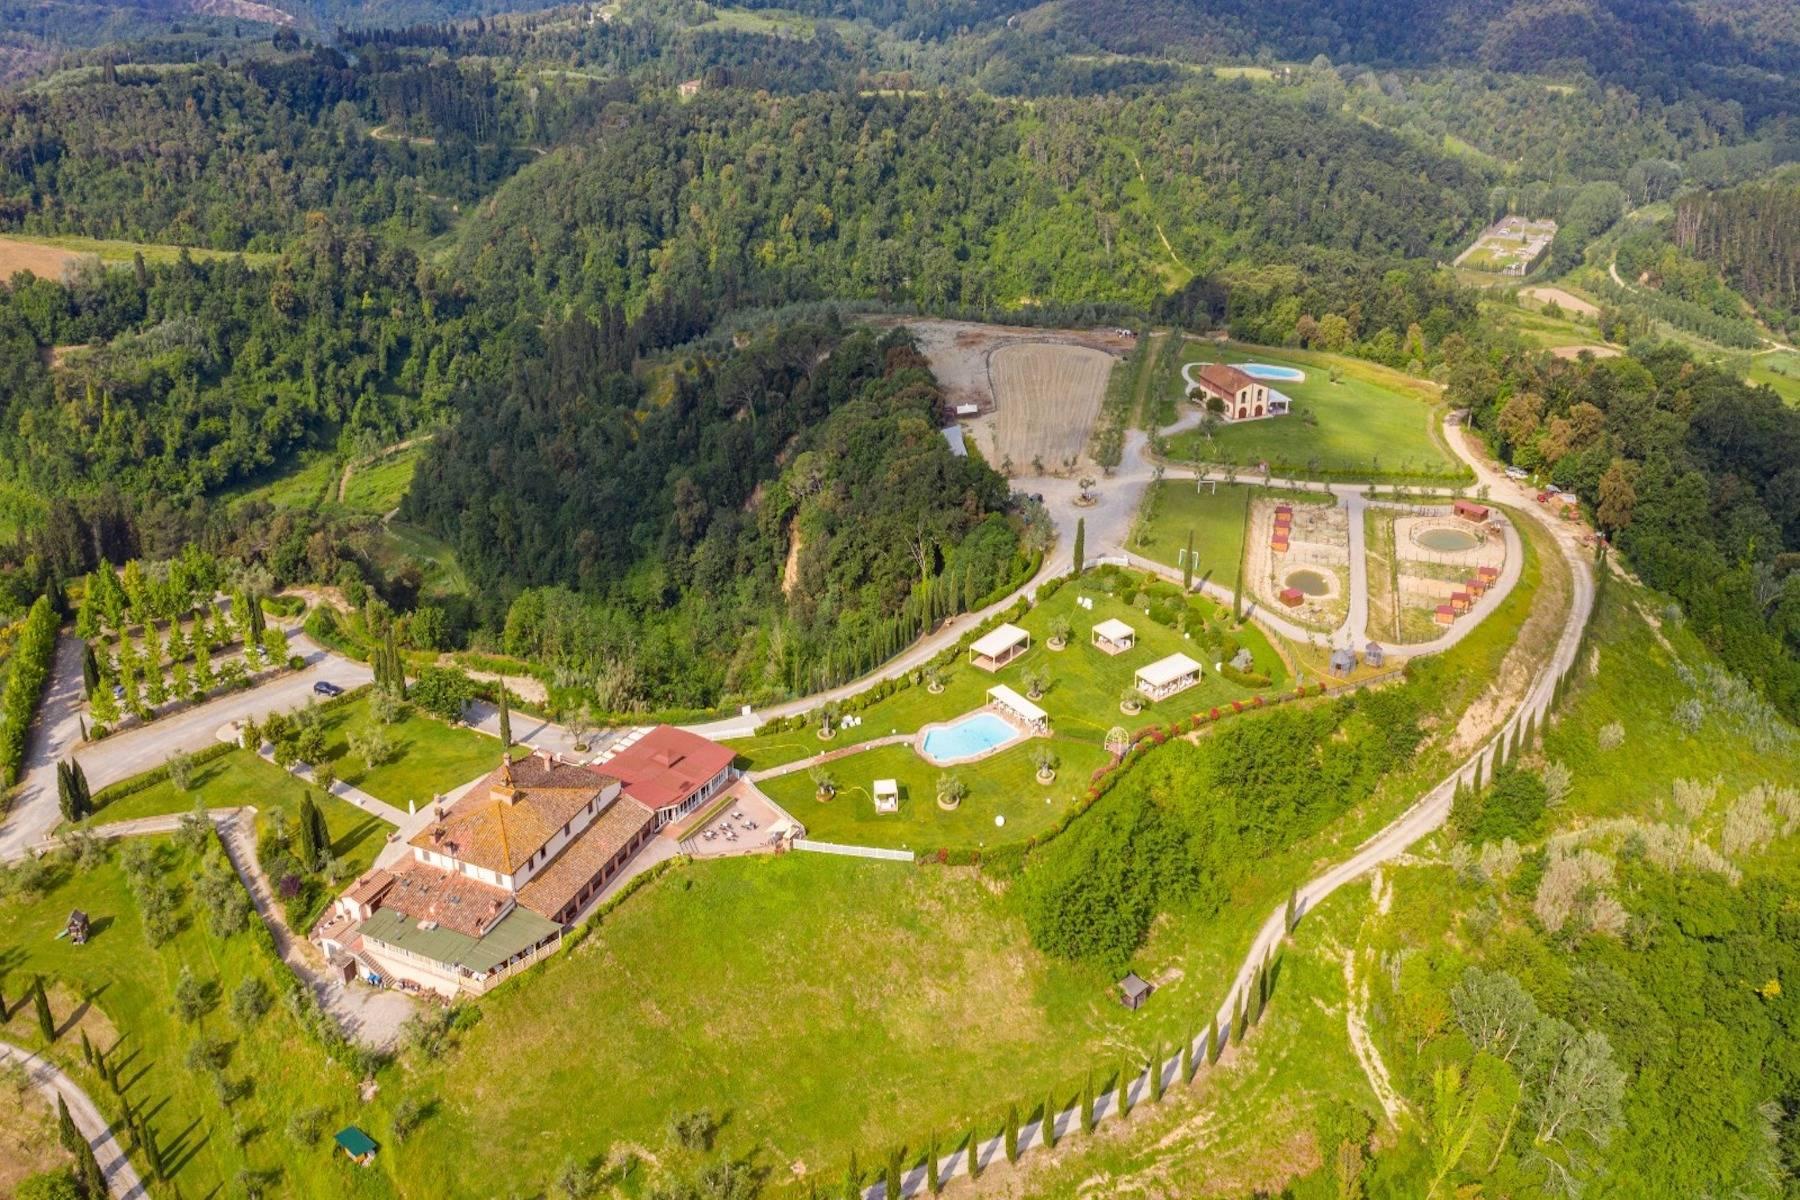 Wunderschönes Anwesen mit 202 Hektar Land im Herzen der Toskana - 6